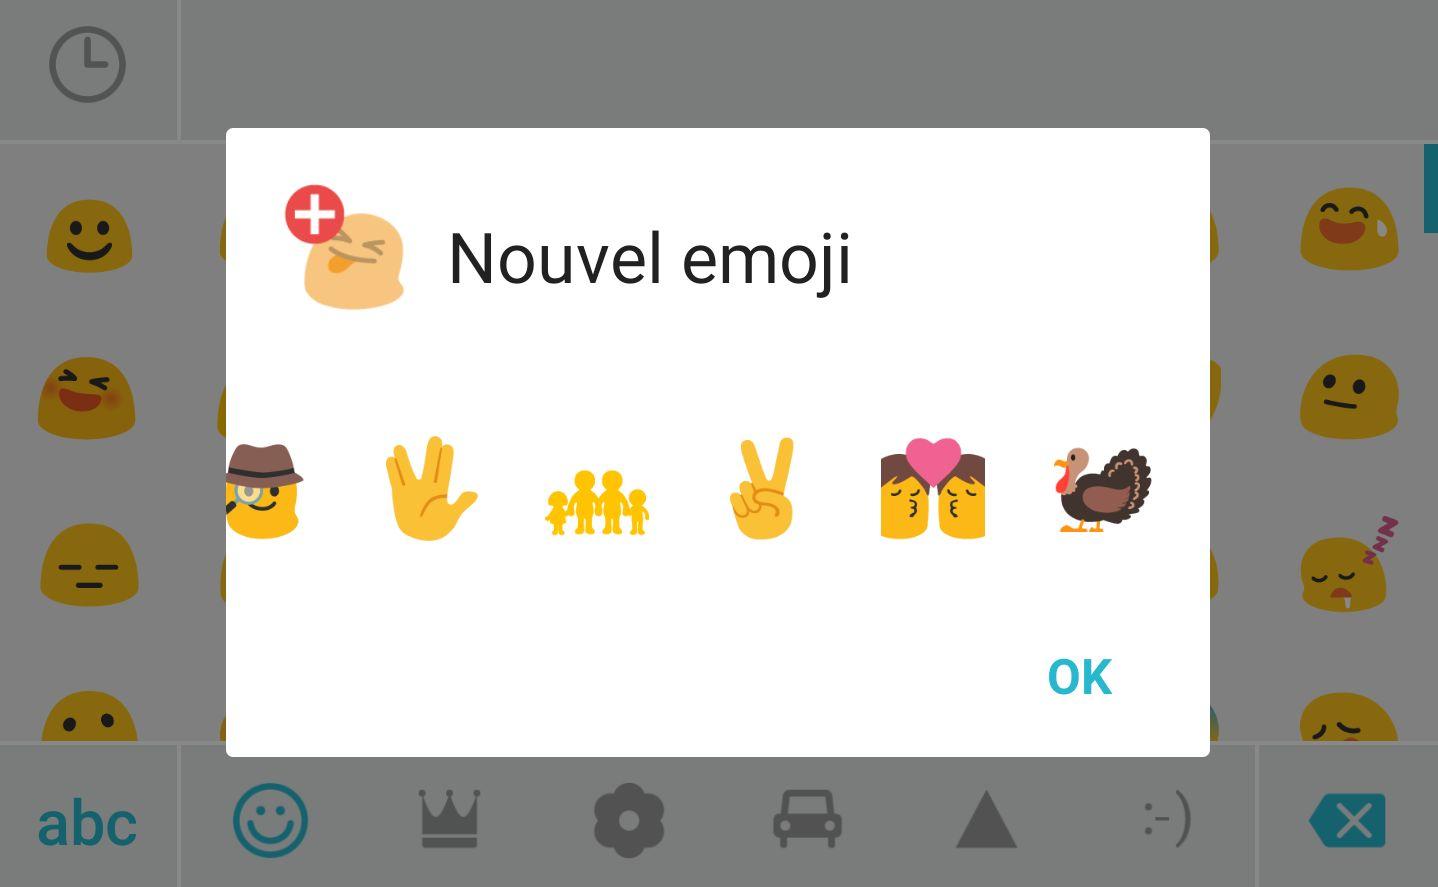 La nouvelle mise à jour de SwiftKey inclut les derniers emojis du moment